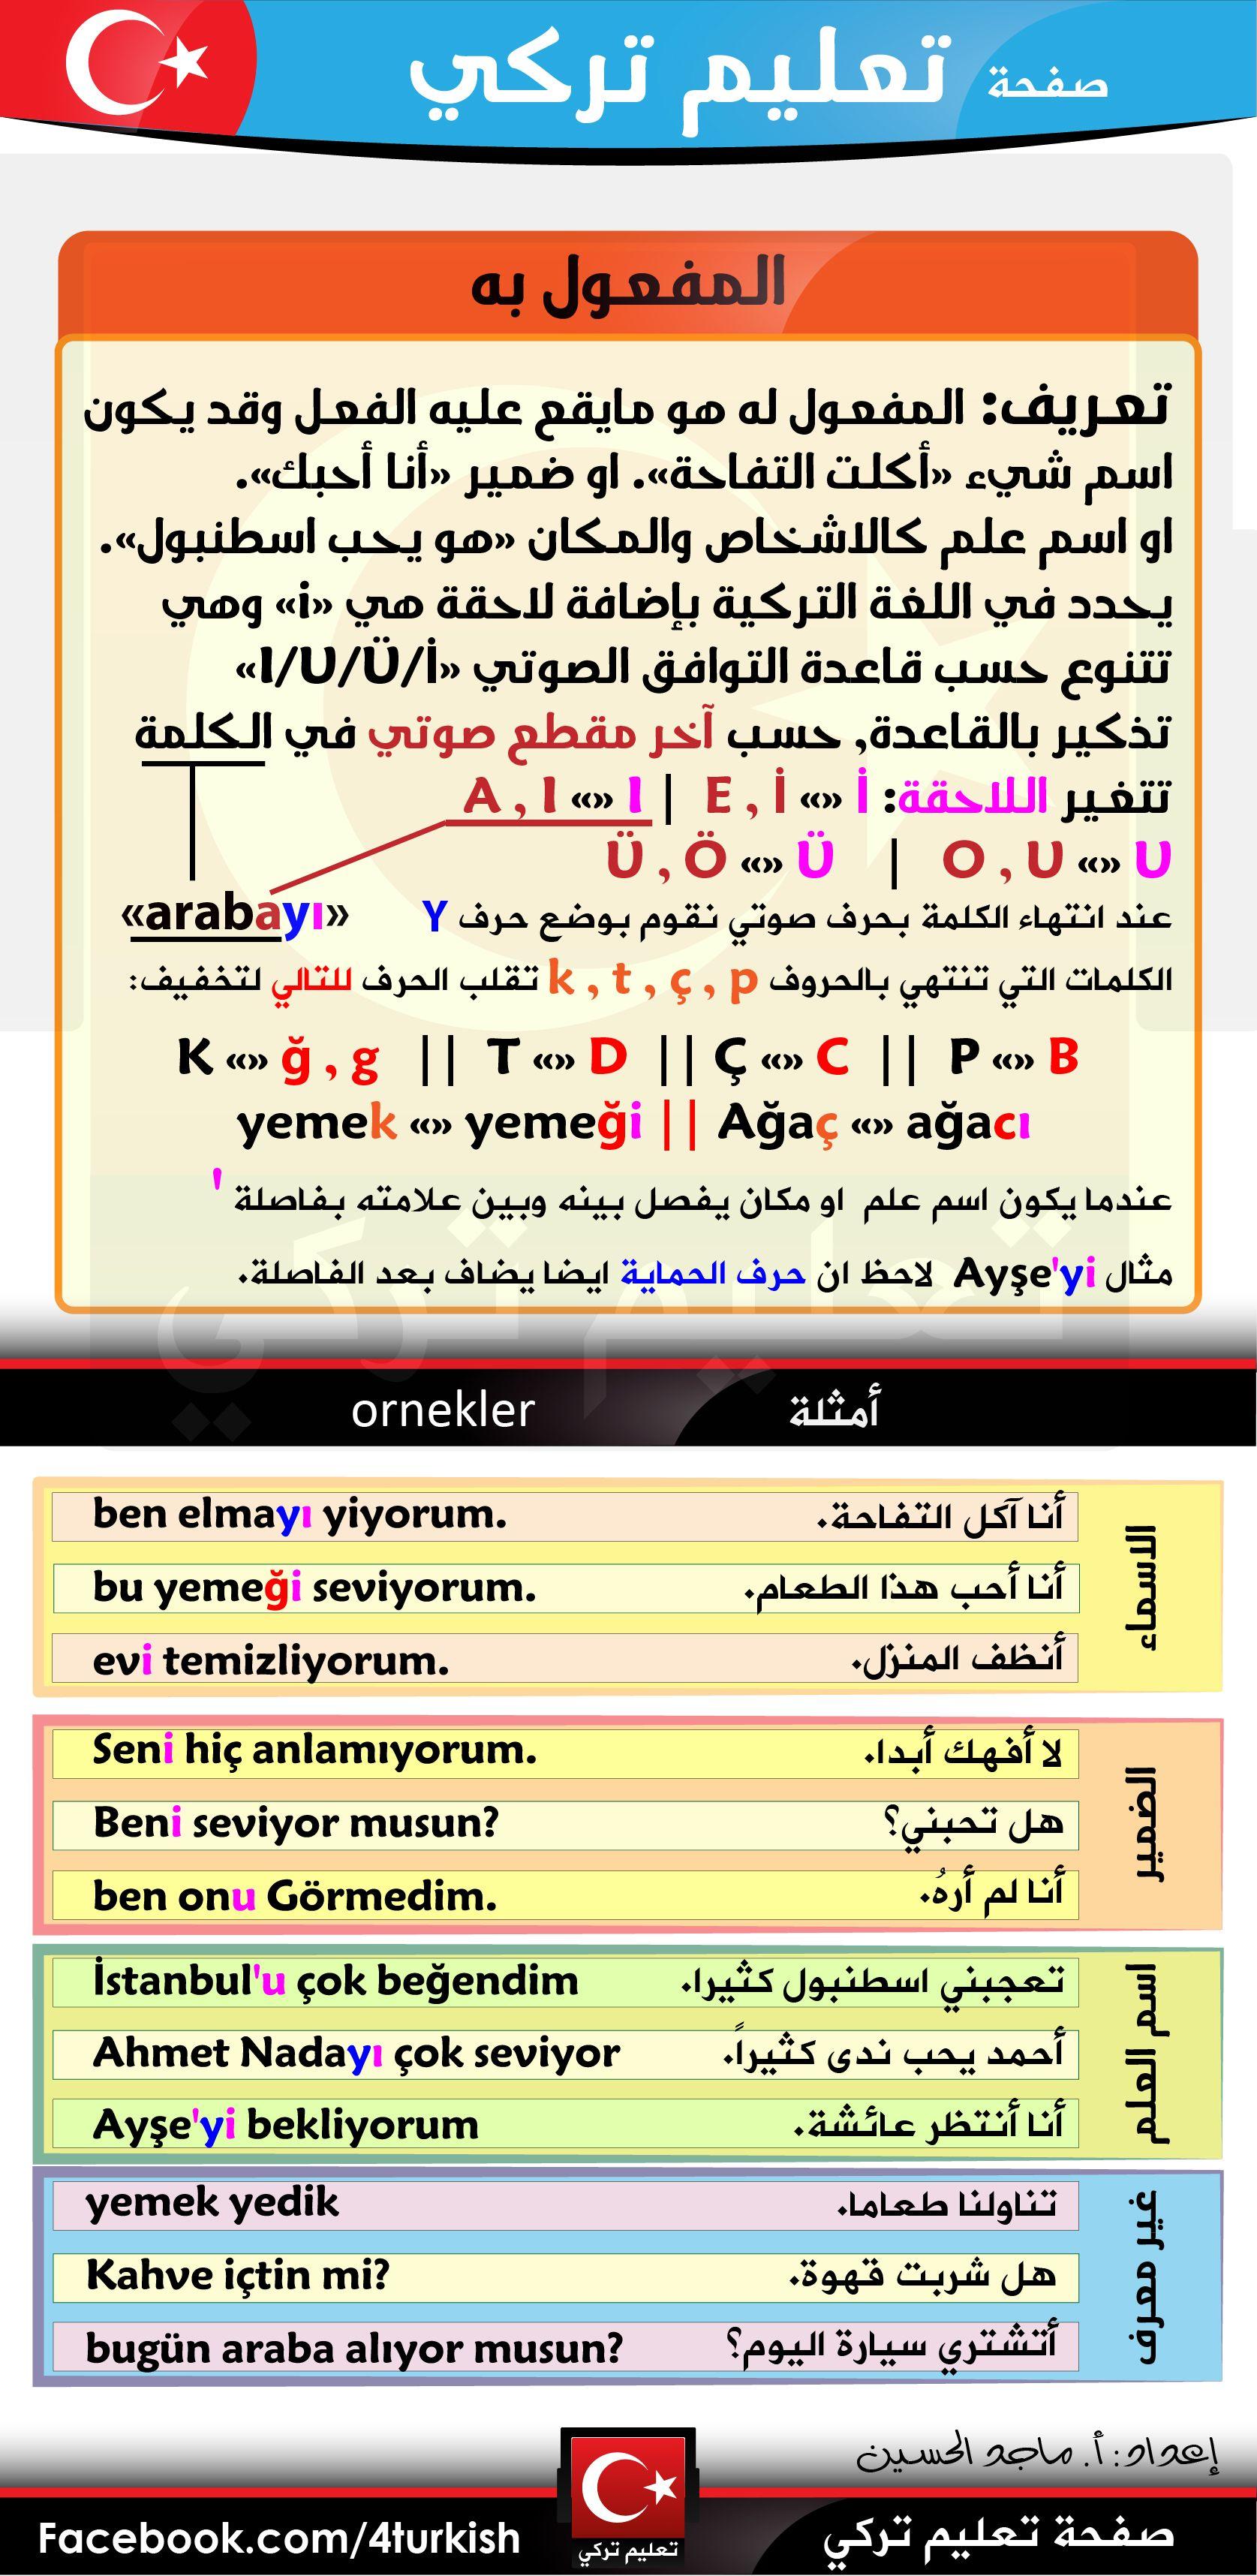 قواعد المفعول به تعريفه أنواعه استخدامه أمثلة كثيرة وشاملة للحالات Https Www Facebook Com 4turkis Learn Turkish Language Turkish Language Learn Turkish